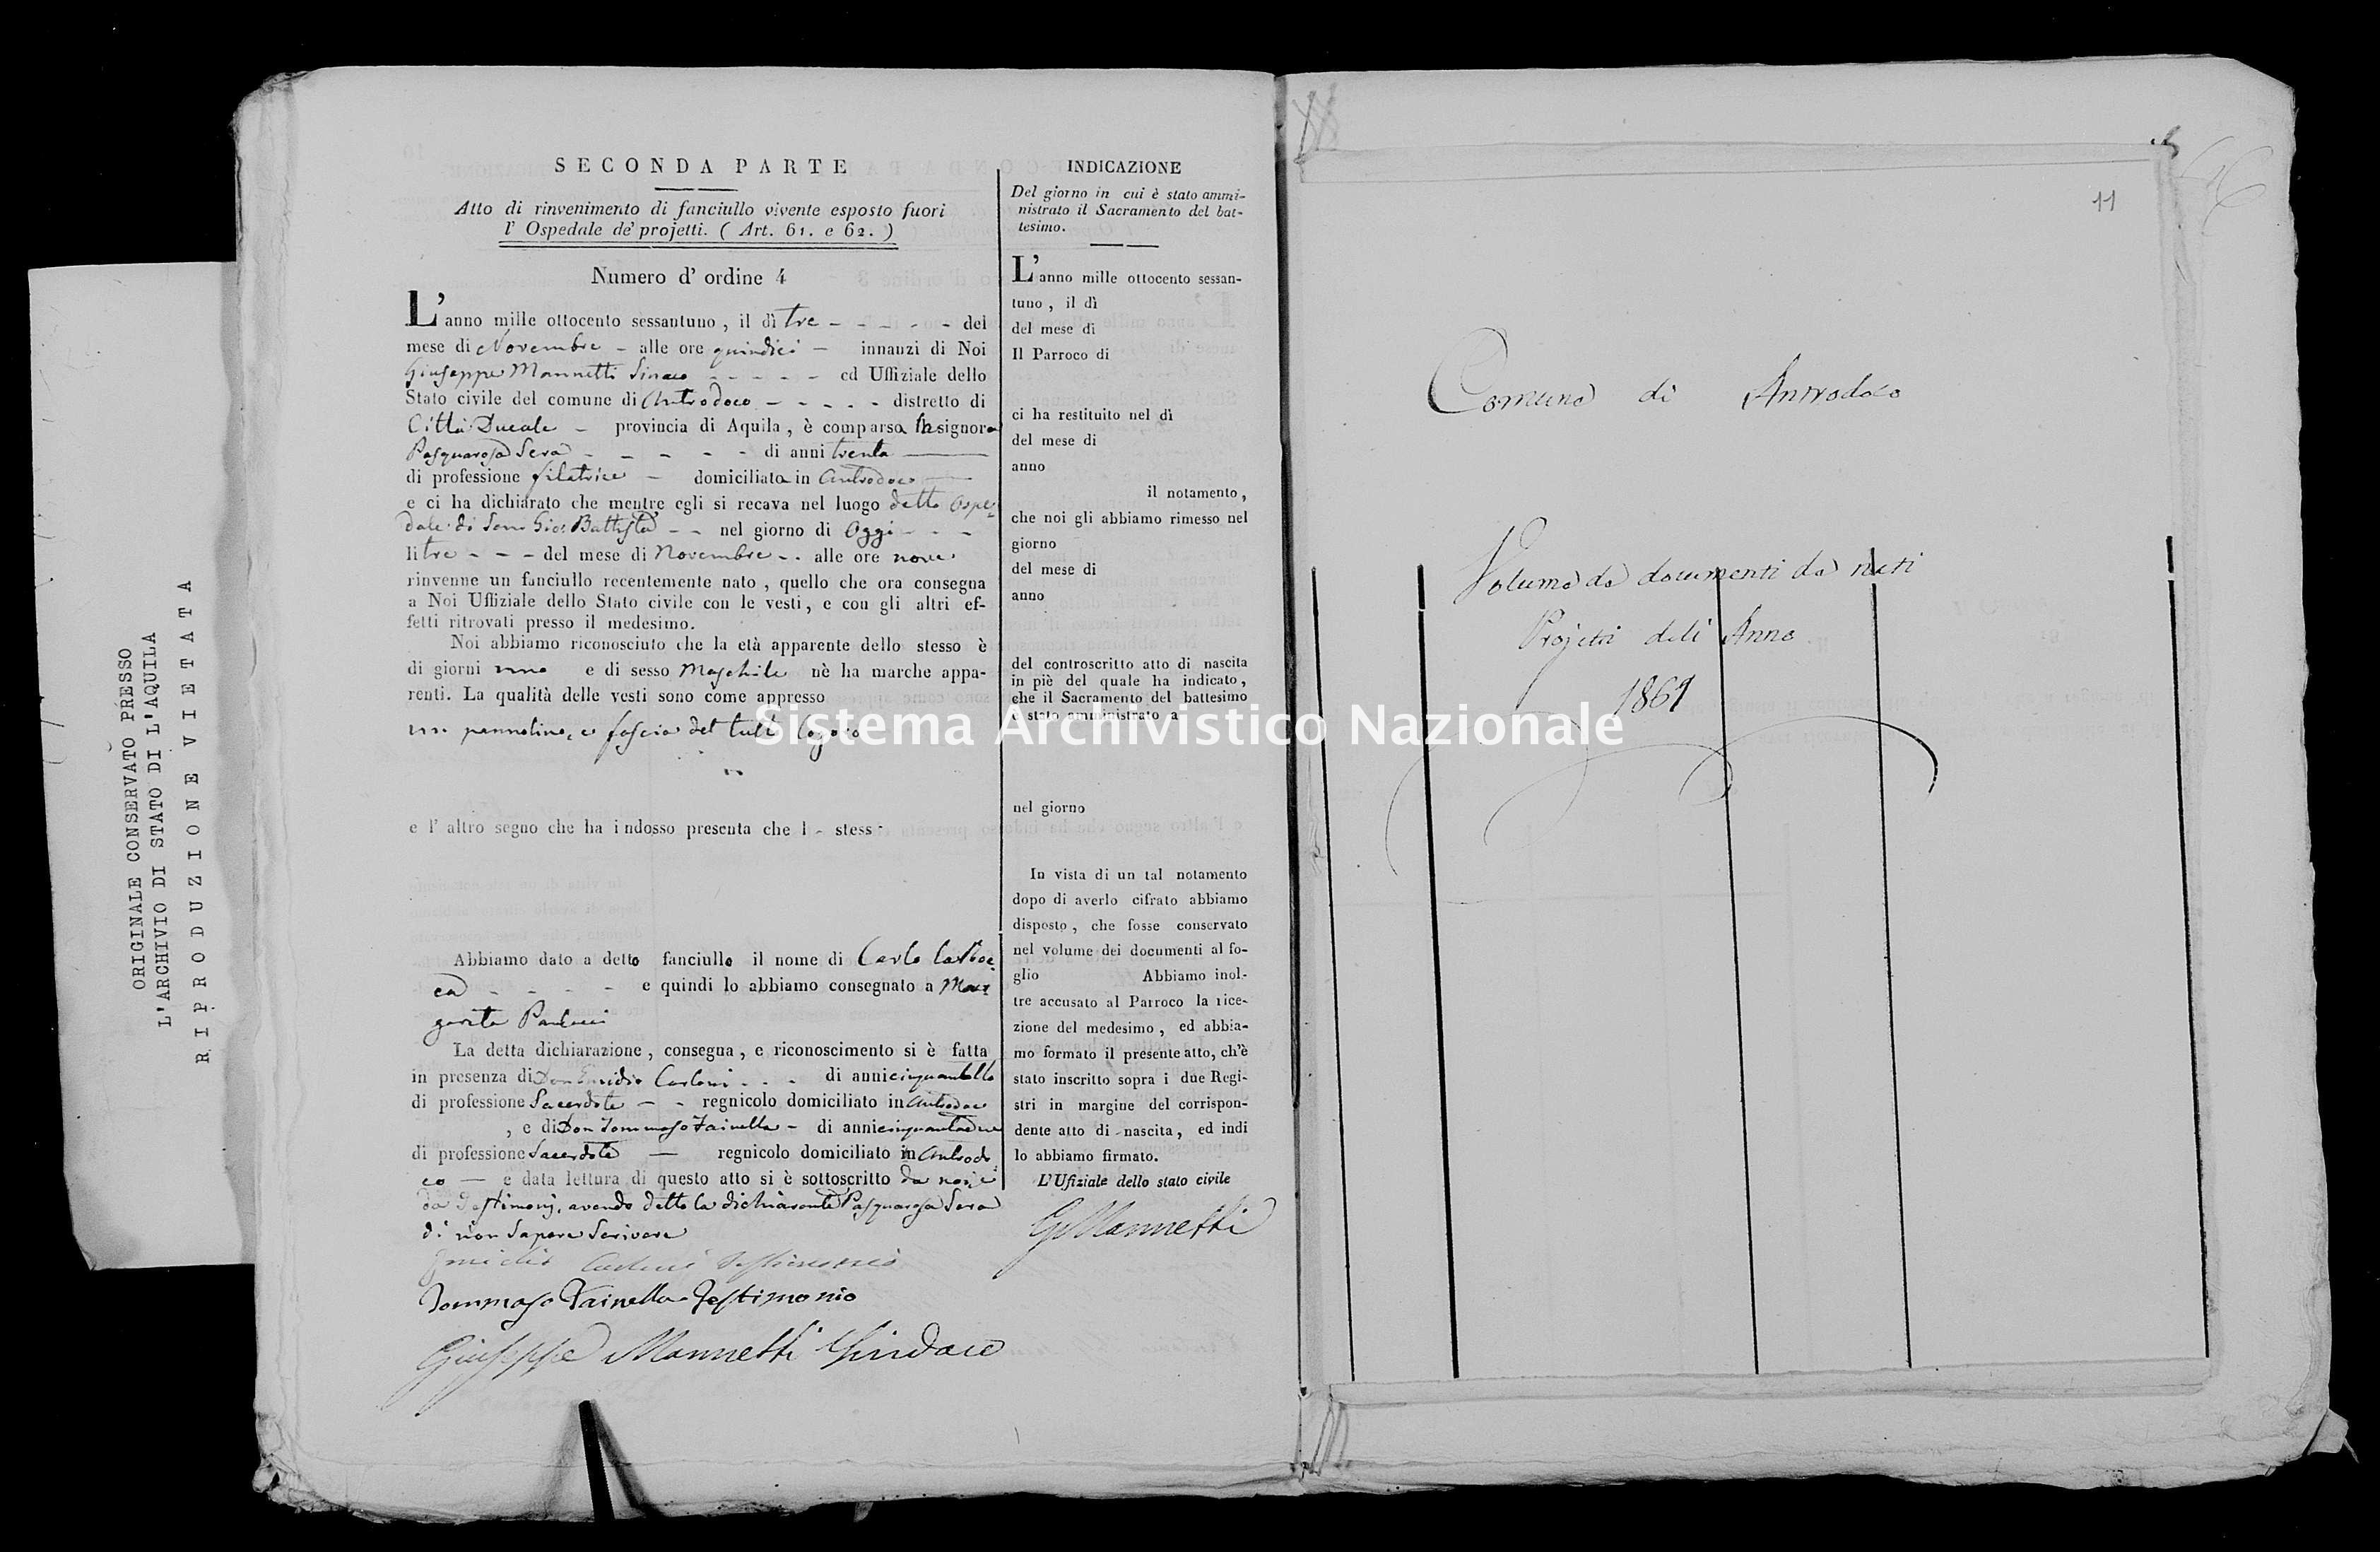 Archivio di stato di L'aquila - Stato civile italiano - Antrodoco - Nati, battesimi esposti - 1861 - 532 -